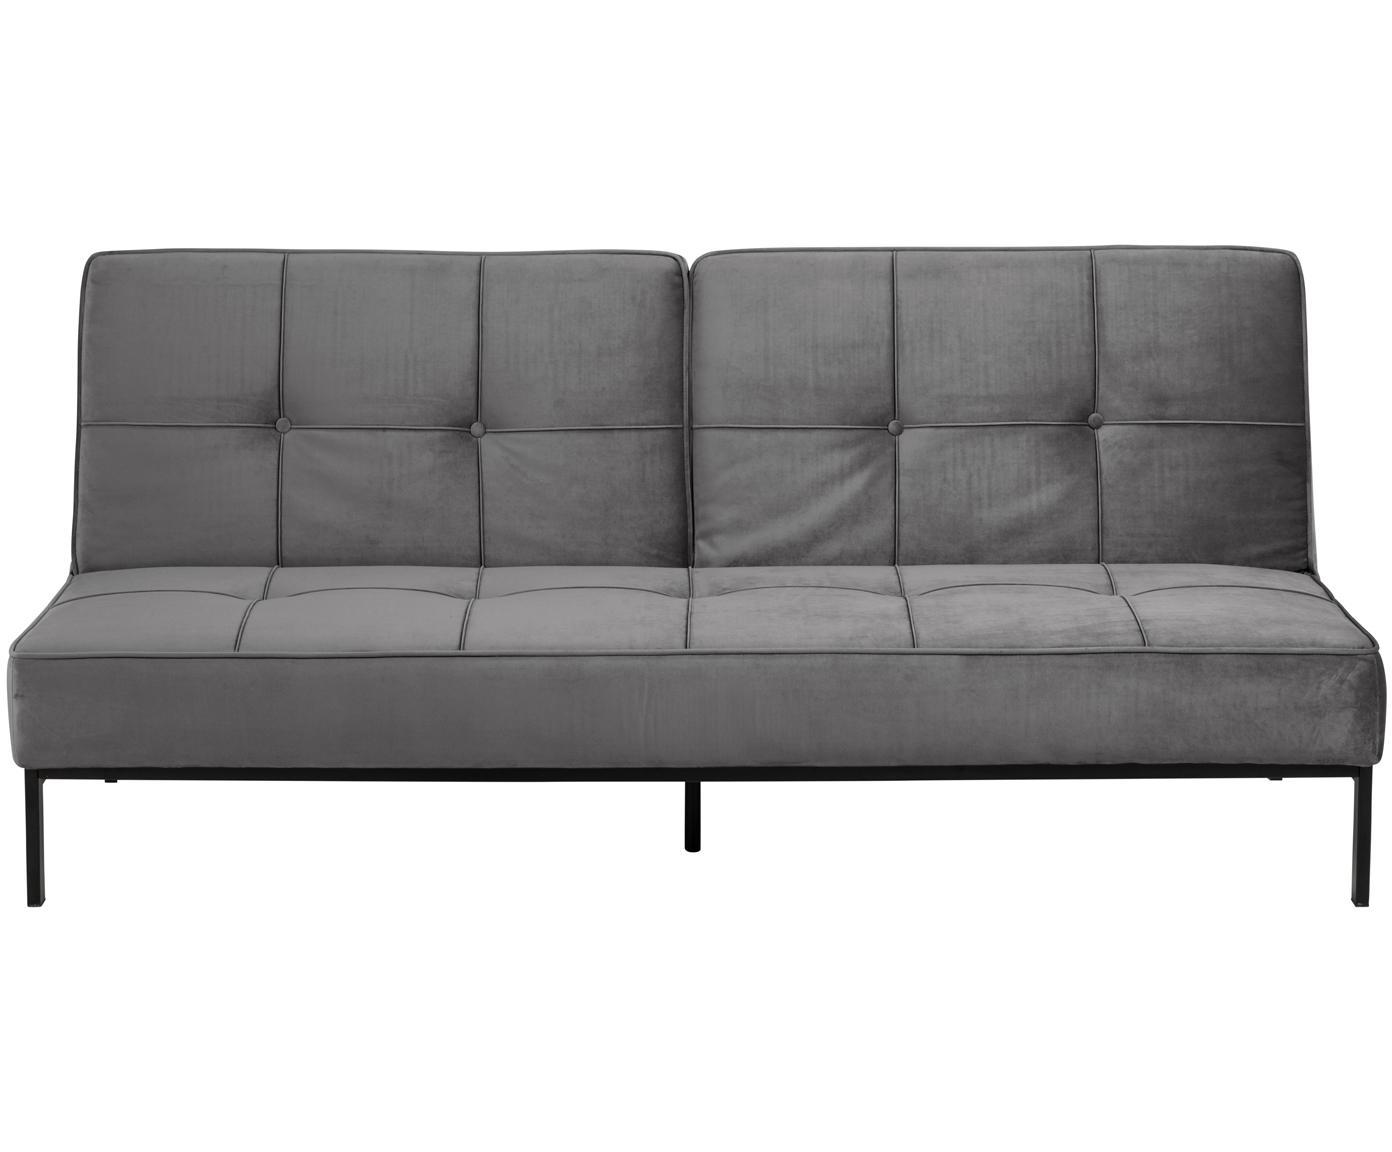 Samt-Schlafsofa Perugia, Bezug: Polyestersamt 25.000 Sche, Beine: Metall, lackiert, Samt Dunkelgrau, B 198 x T 95 cm